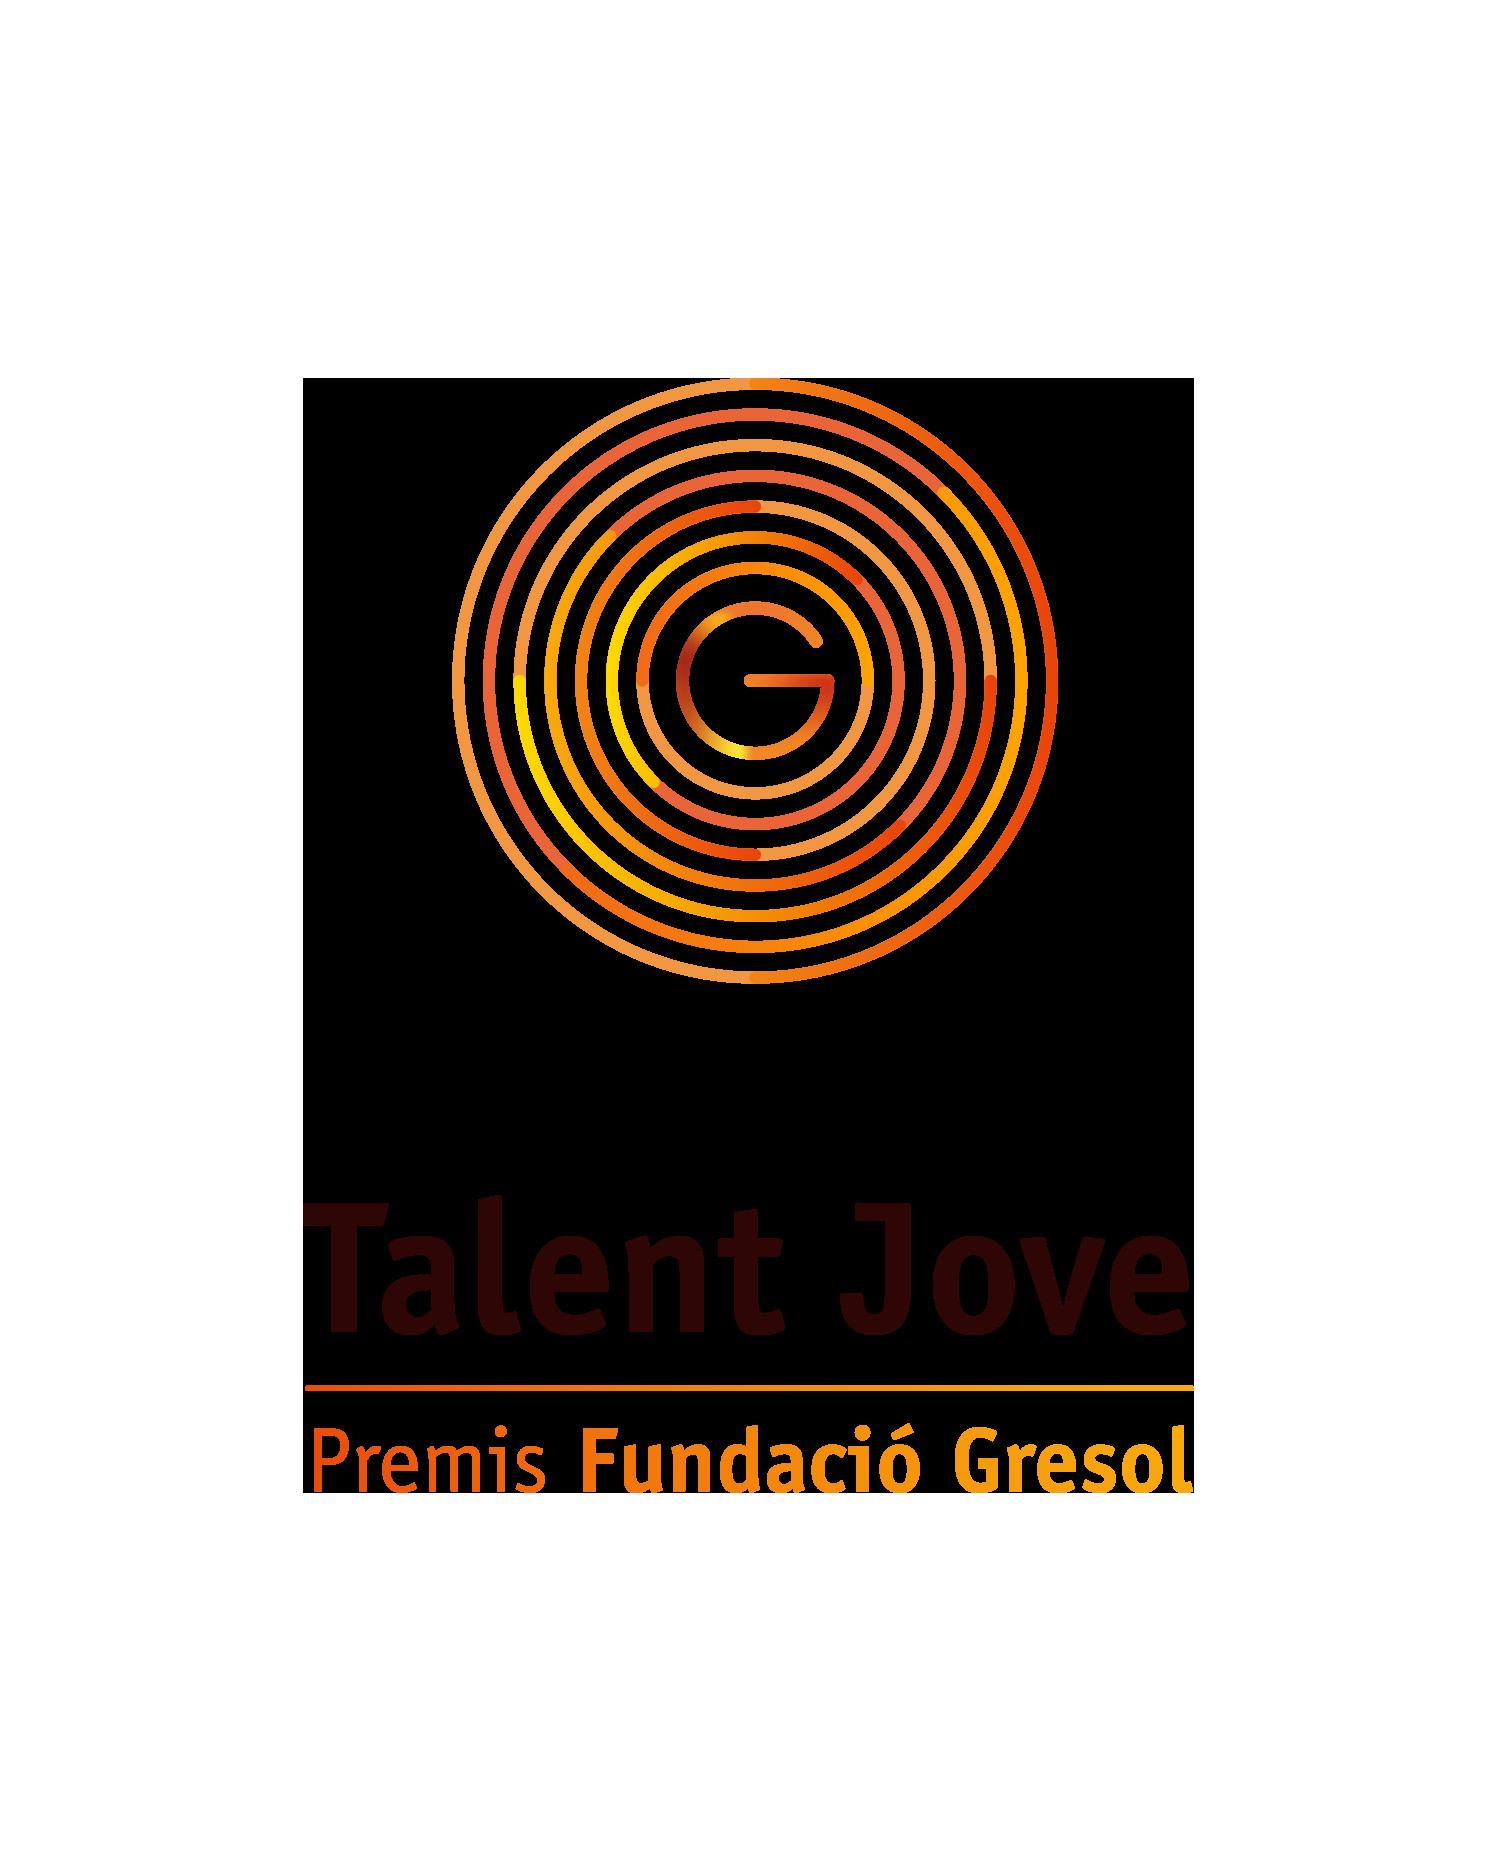 Talent Jove